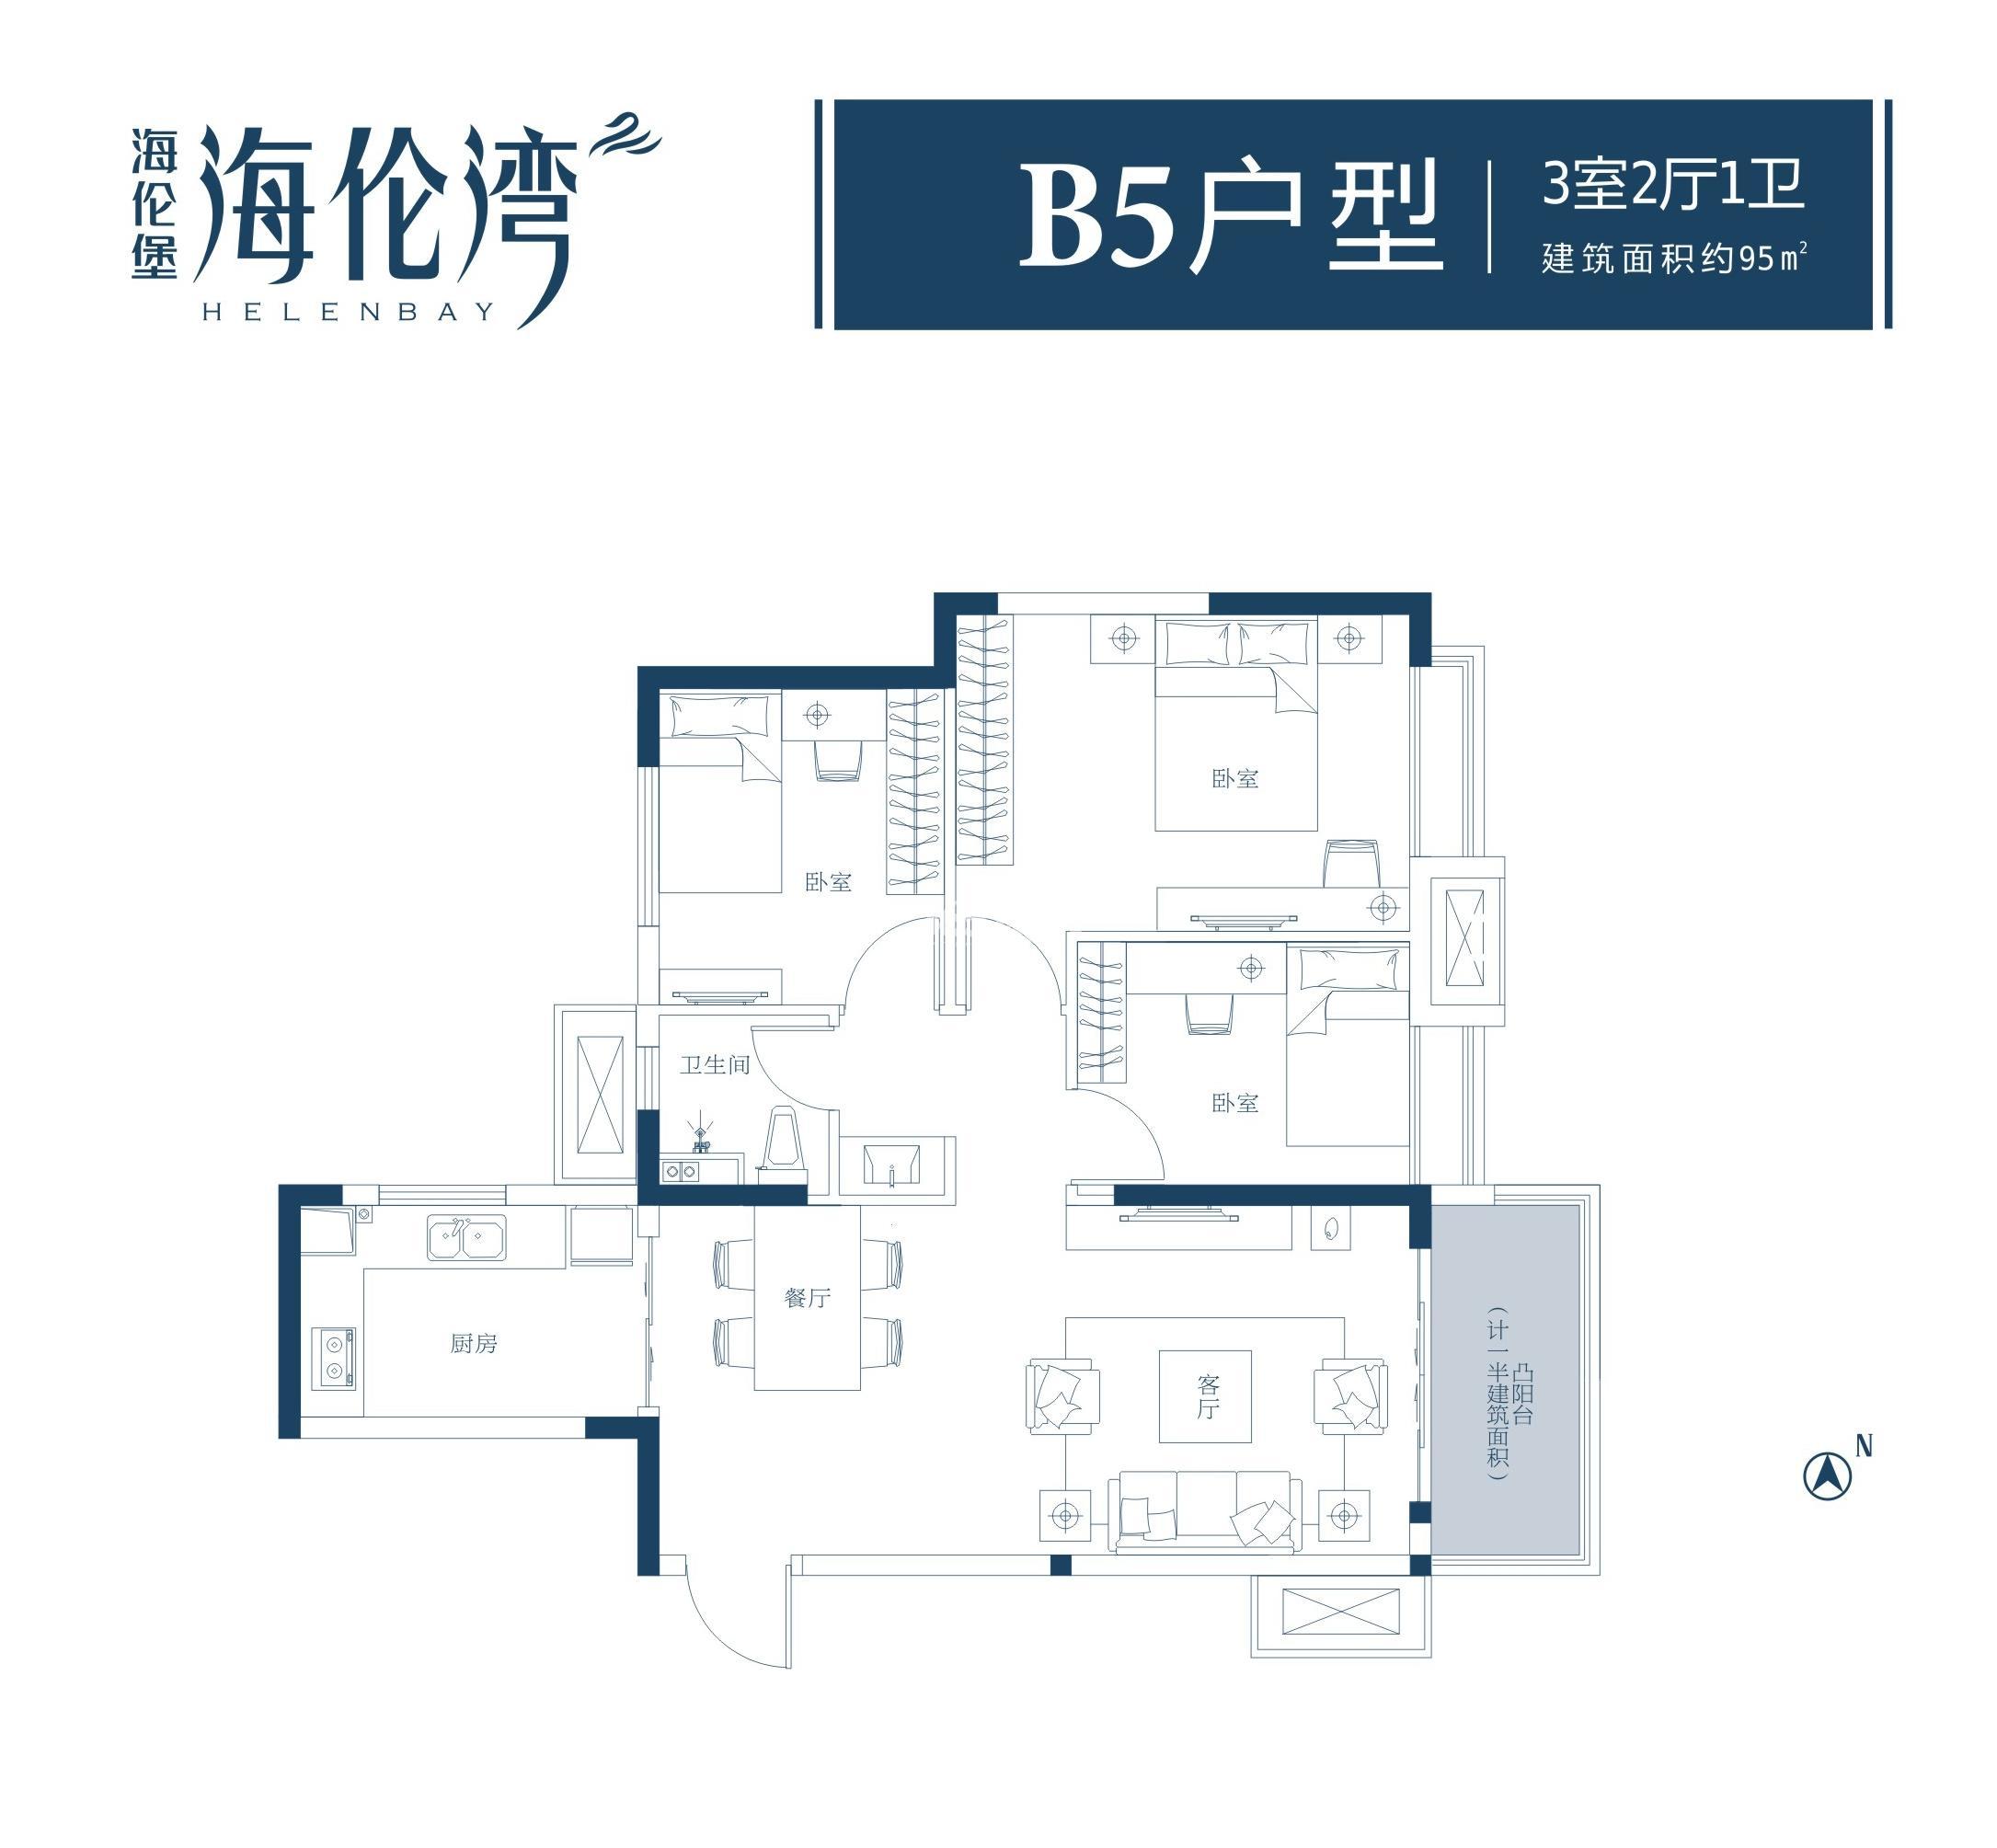 海伦湾三室两厅95㎡B5户型图